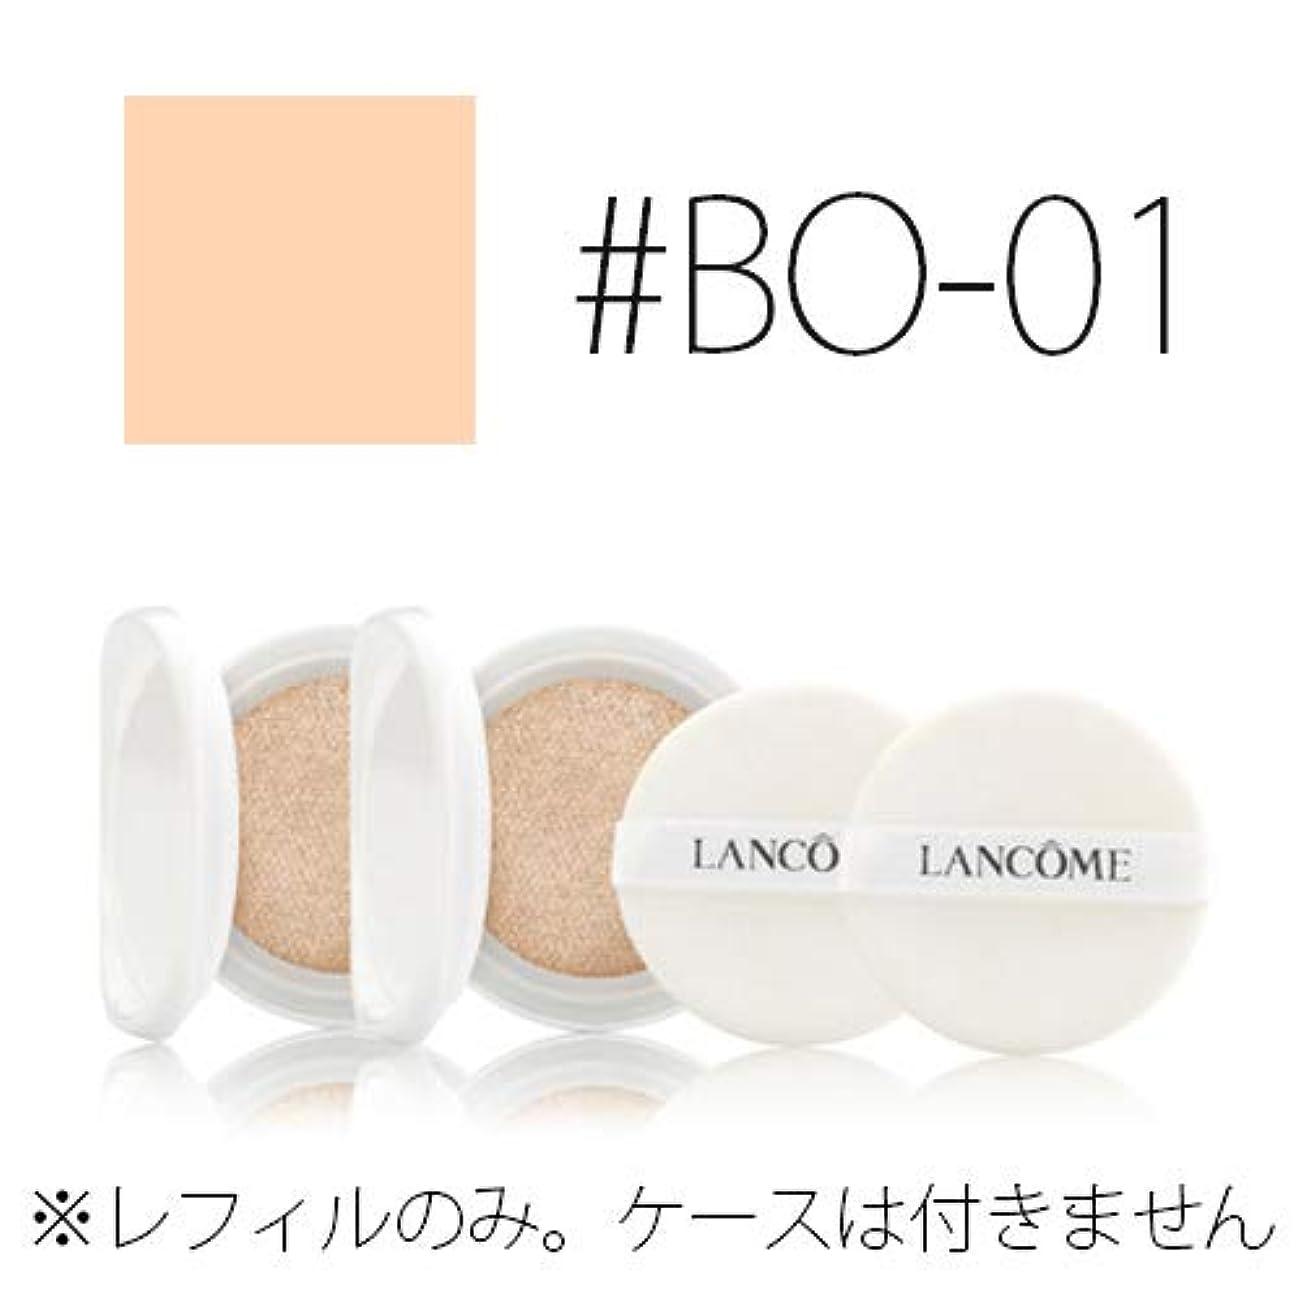 一定ほぼ野望ランコム ブラン エクスペール クッションコンパクト H レフィル(2個入り)【#BO-01】 #BO-01 SPF50+/PA+++ 13g×2